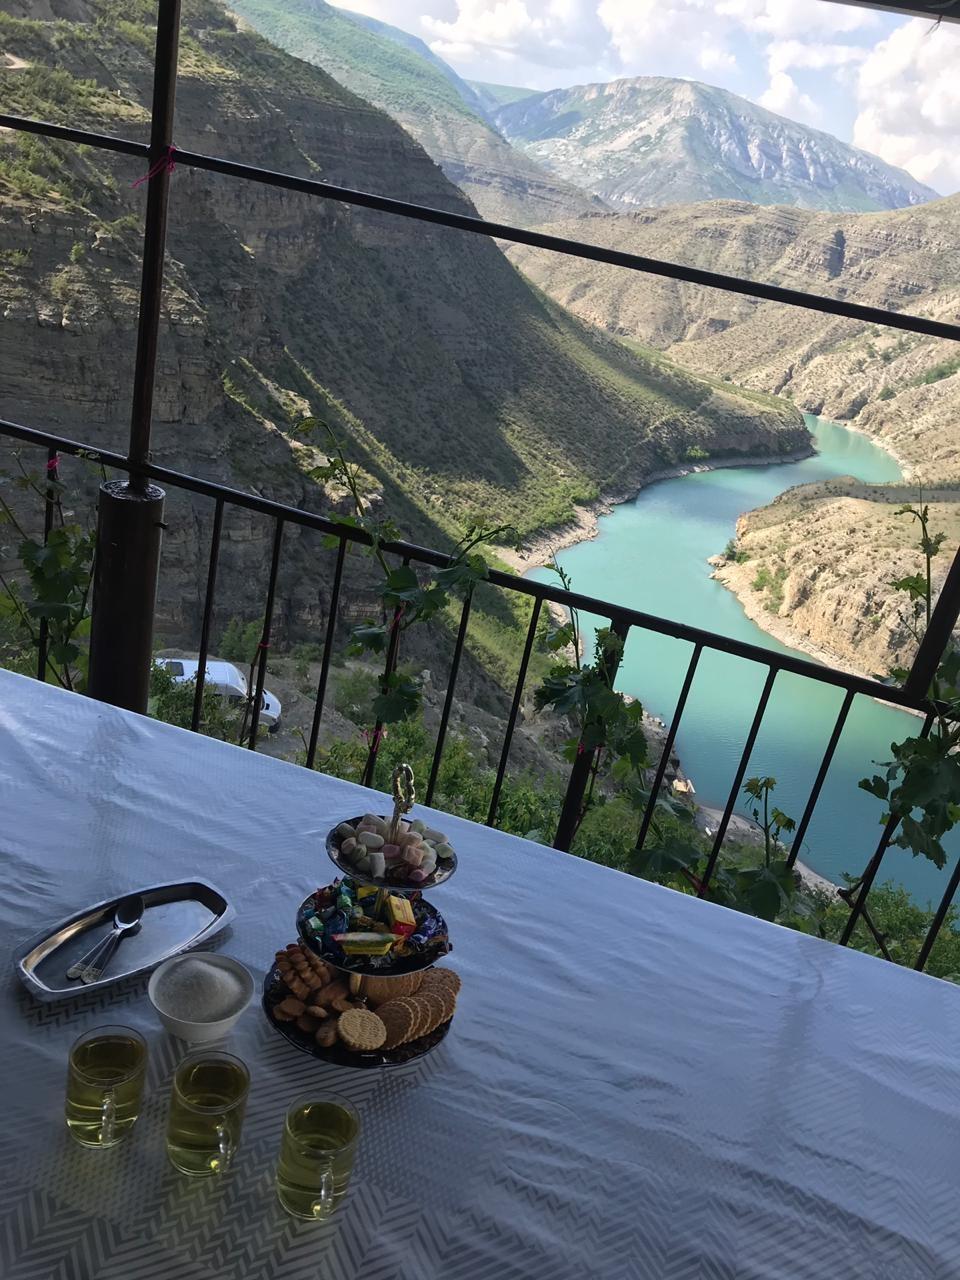 Грозный-Аргун-Дербент-Сулакский каньон-Бархан Сарыкум               3 дня/2 ночи! 10000 руб./чел.